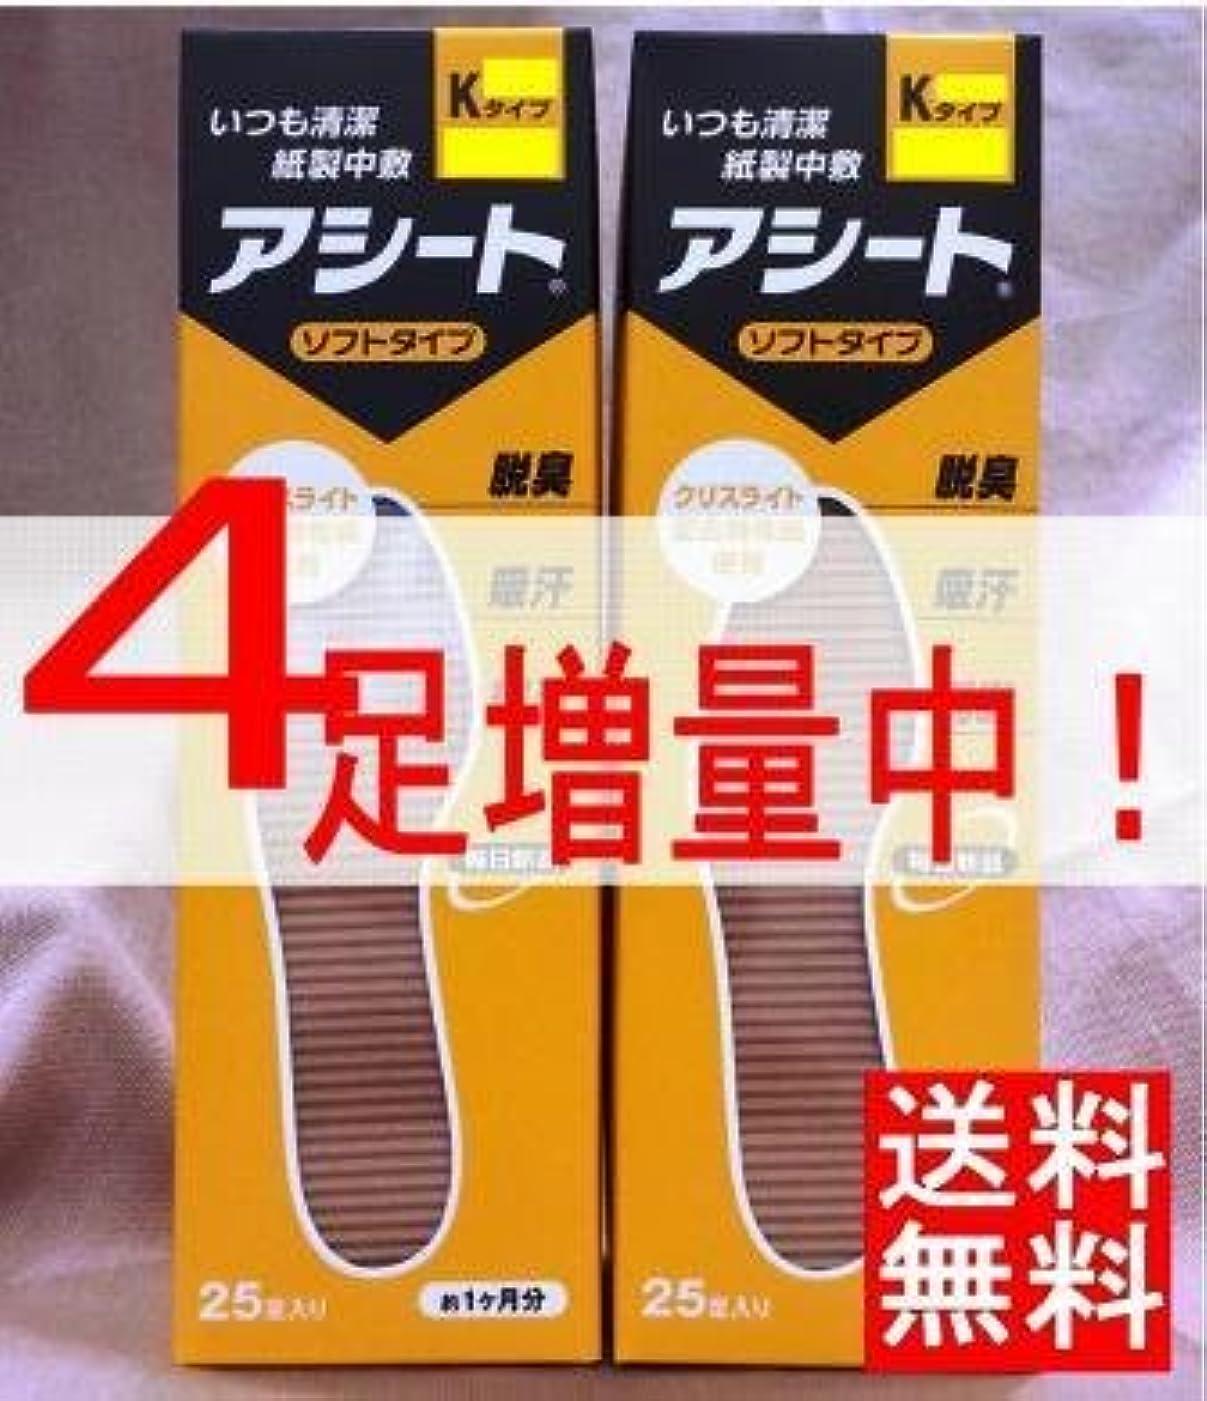 部ブラウズ挽くアシートK(サイズ27cm)×2箱セット(4足増量中)